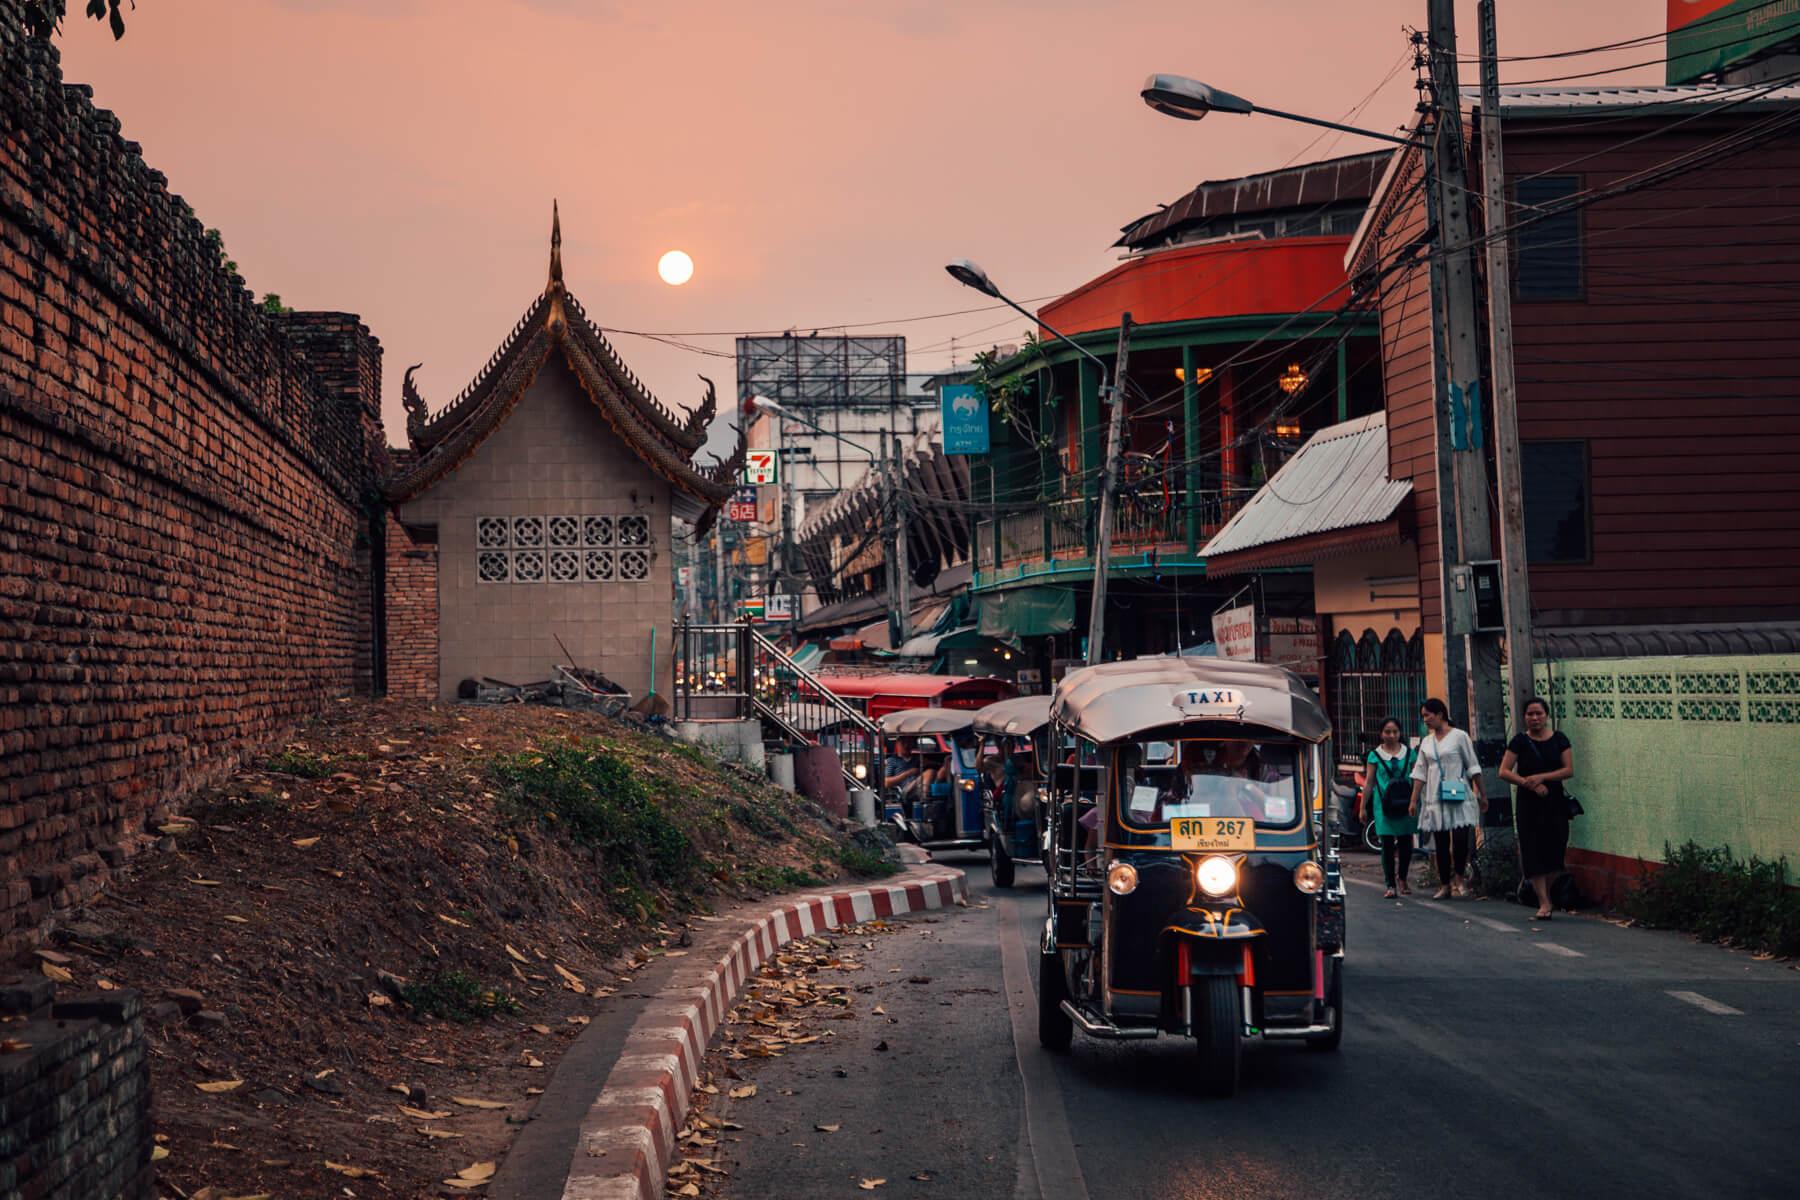 Chiang Mai: Tuk Tuk